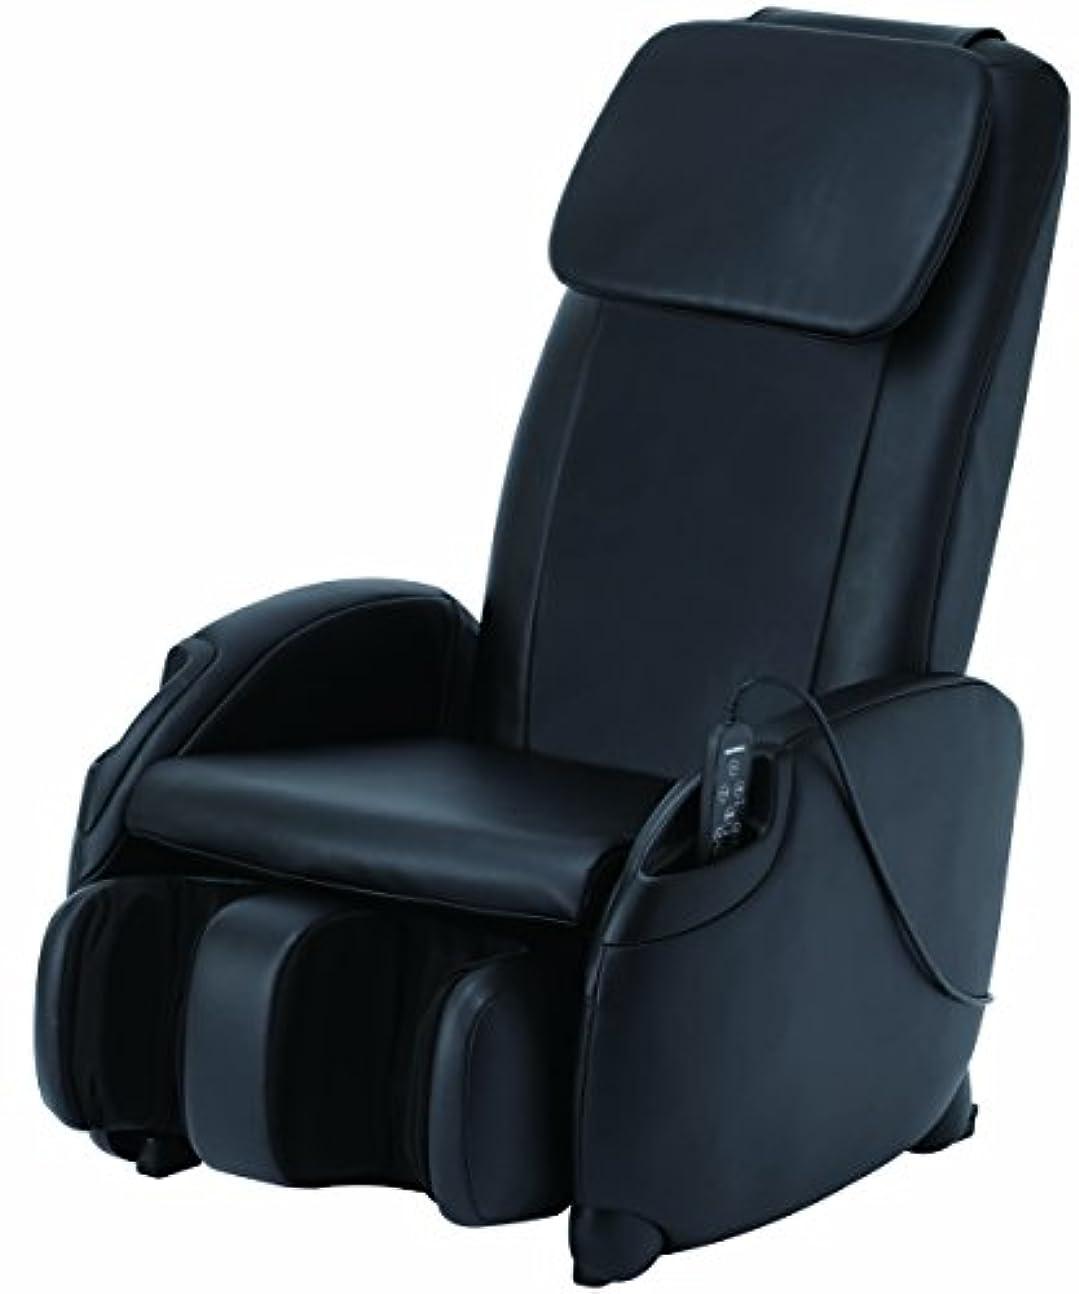 完全に乾く不健康楽しませるスライヴ マッサージチェア くつろぎ指定席Light ブラック CHD-3400(K)